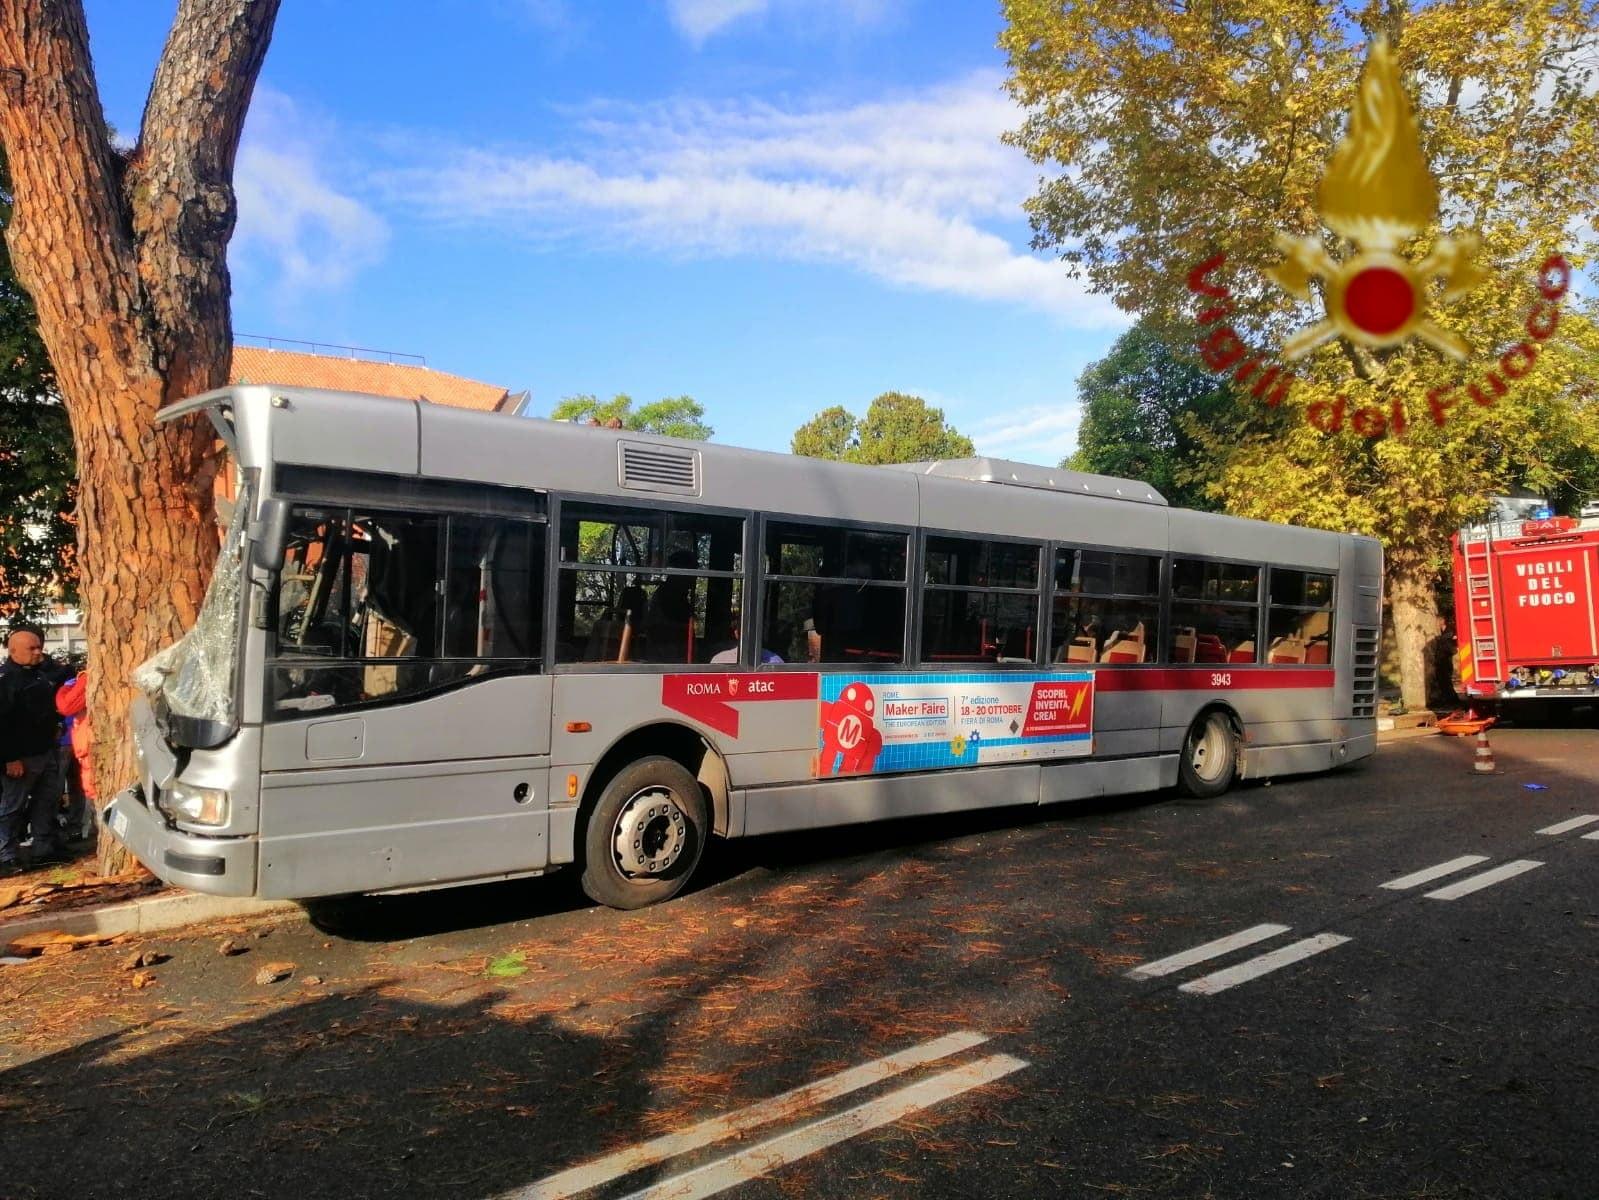 Incidente bus via Cassia 16.10.19 2-2-2